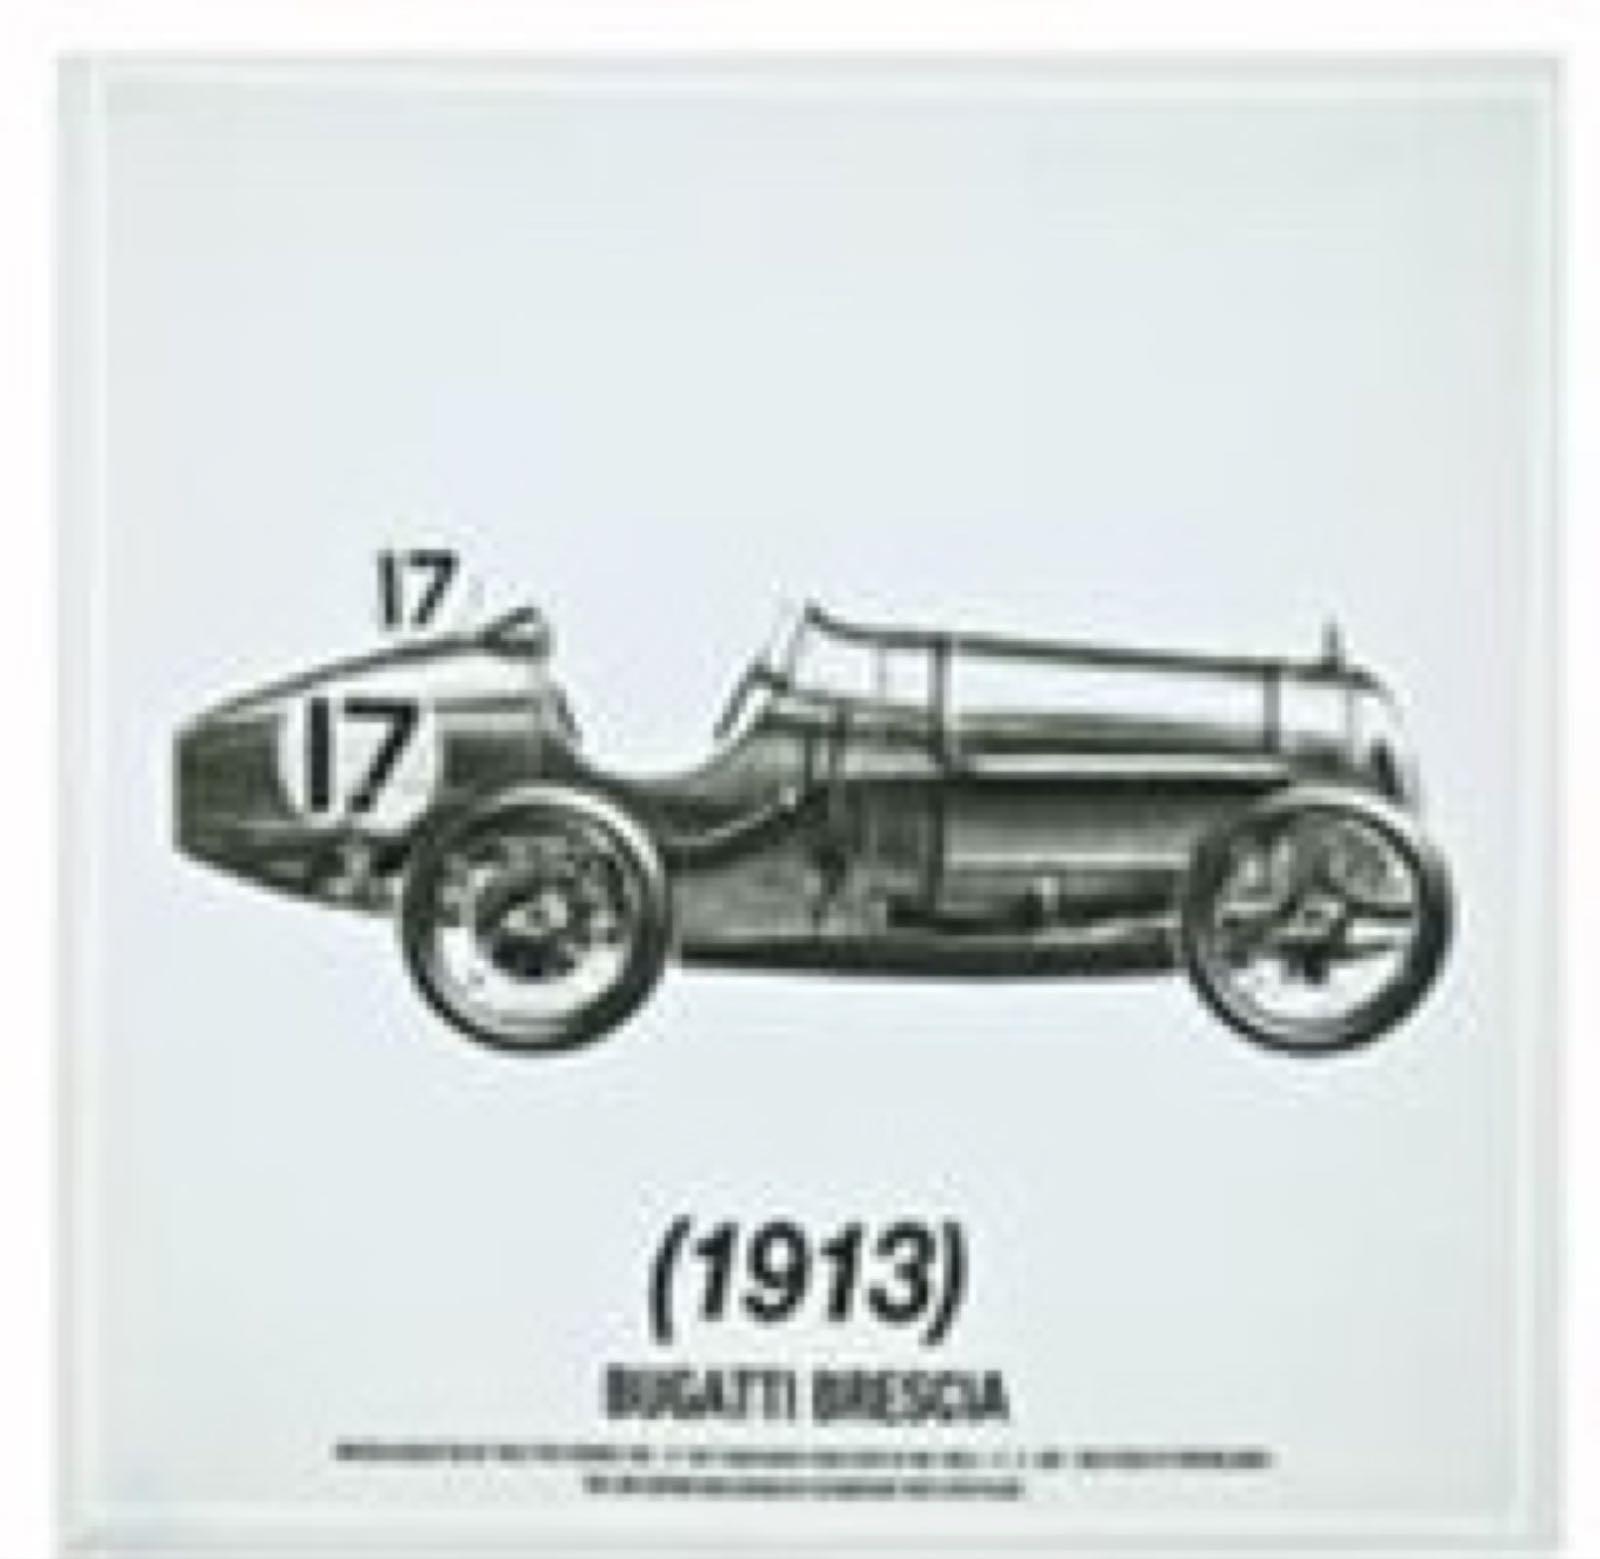 Bilde: Bugatti 17, side